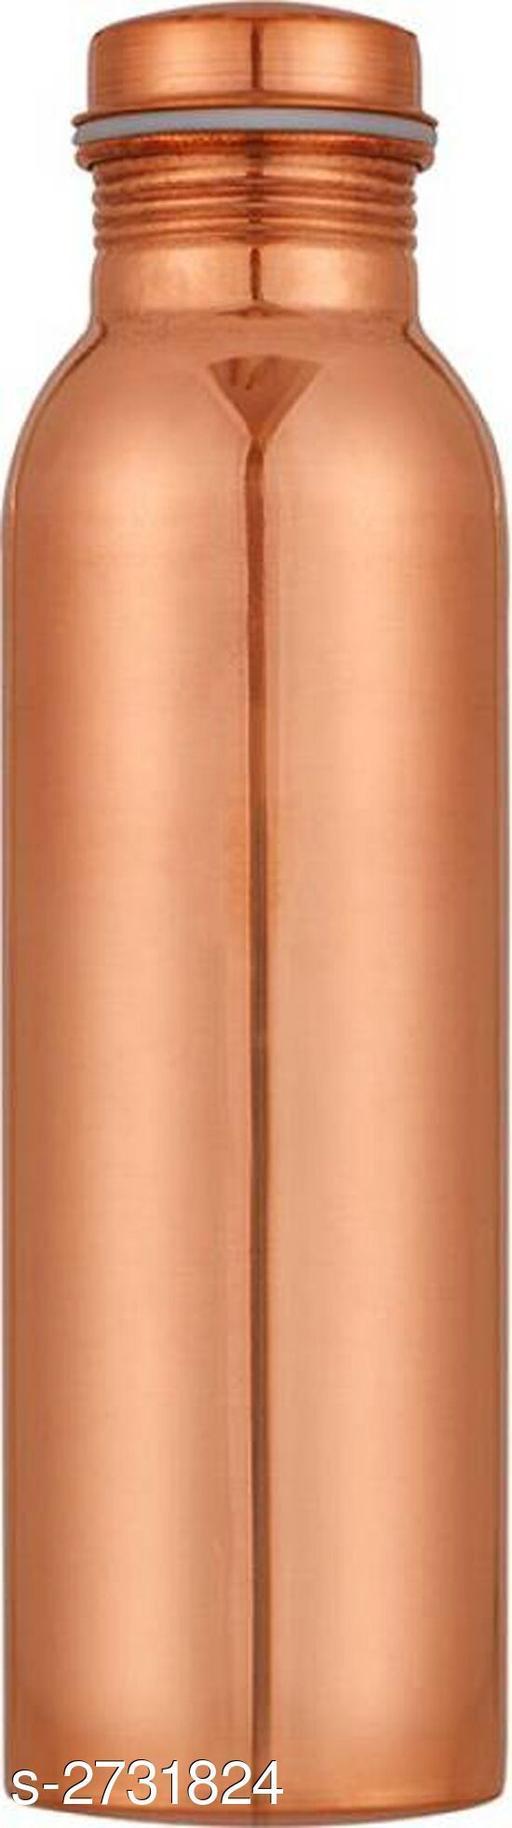 Trendy Copper Bottle